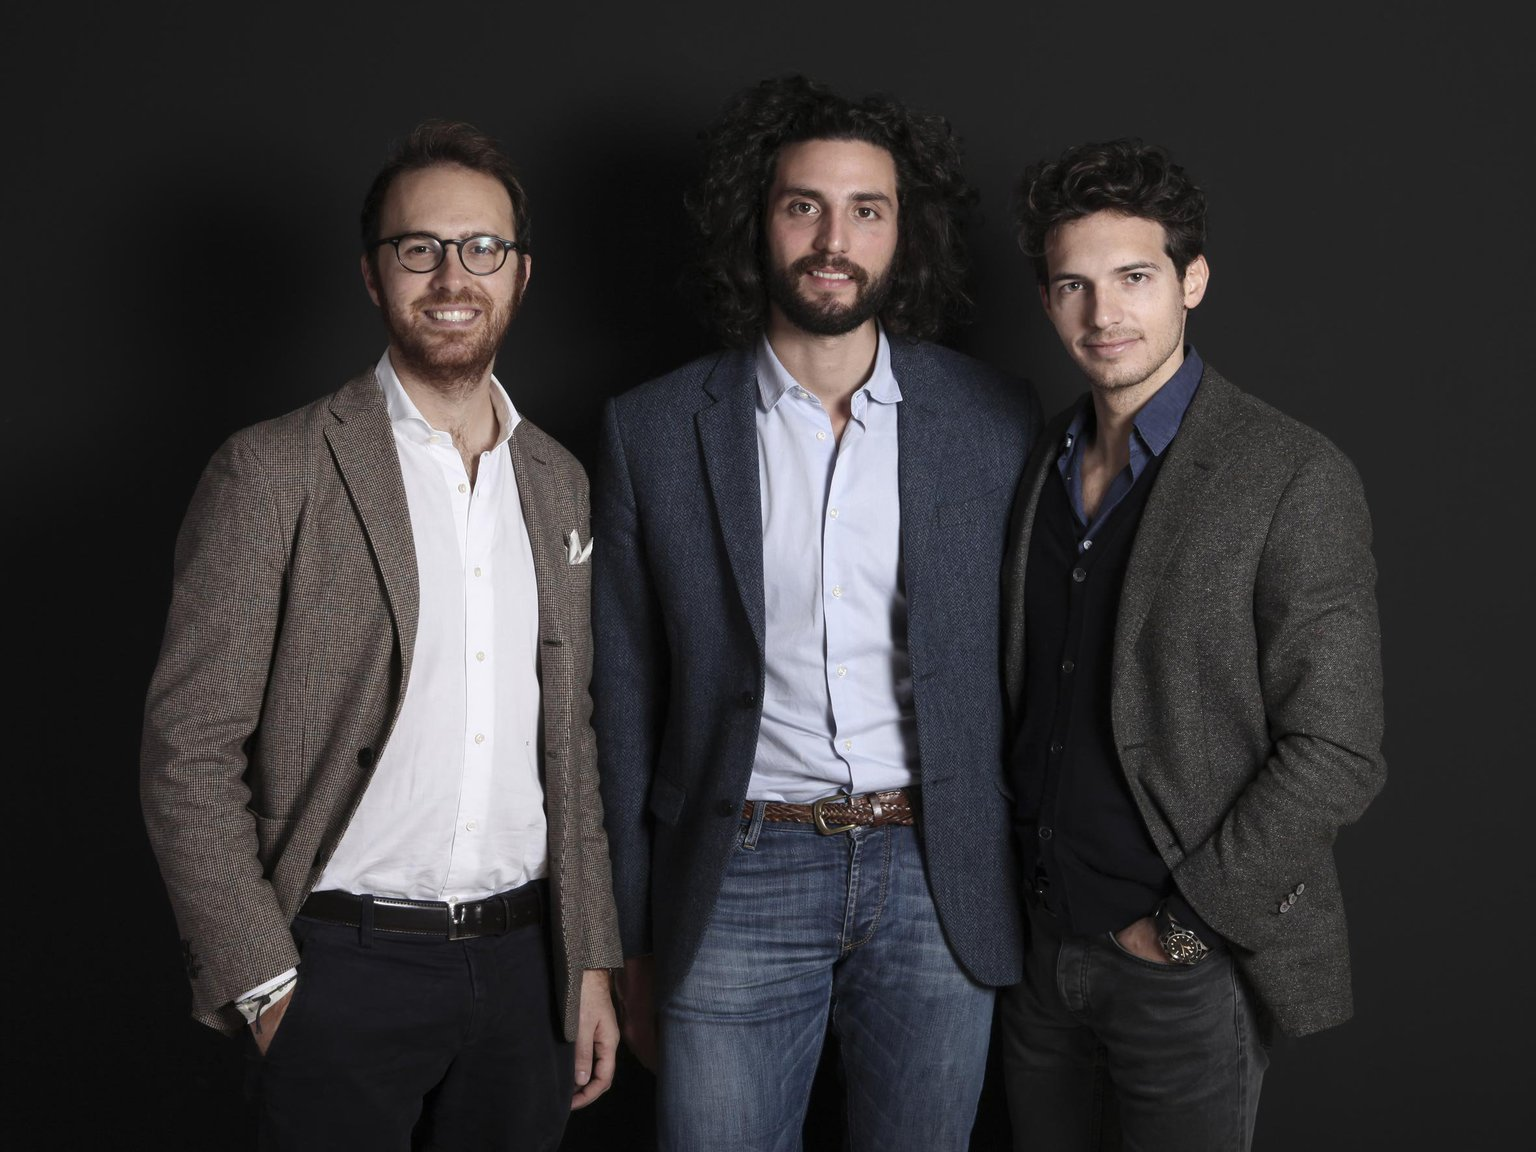 Round da 1,5 milioni di euro per Foorban, la startup del ristorante digitale